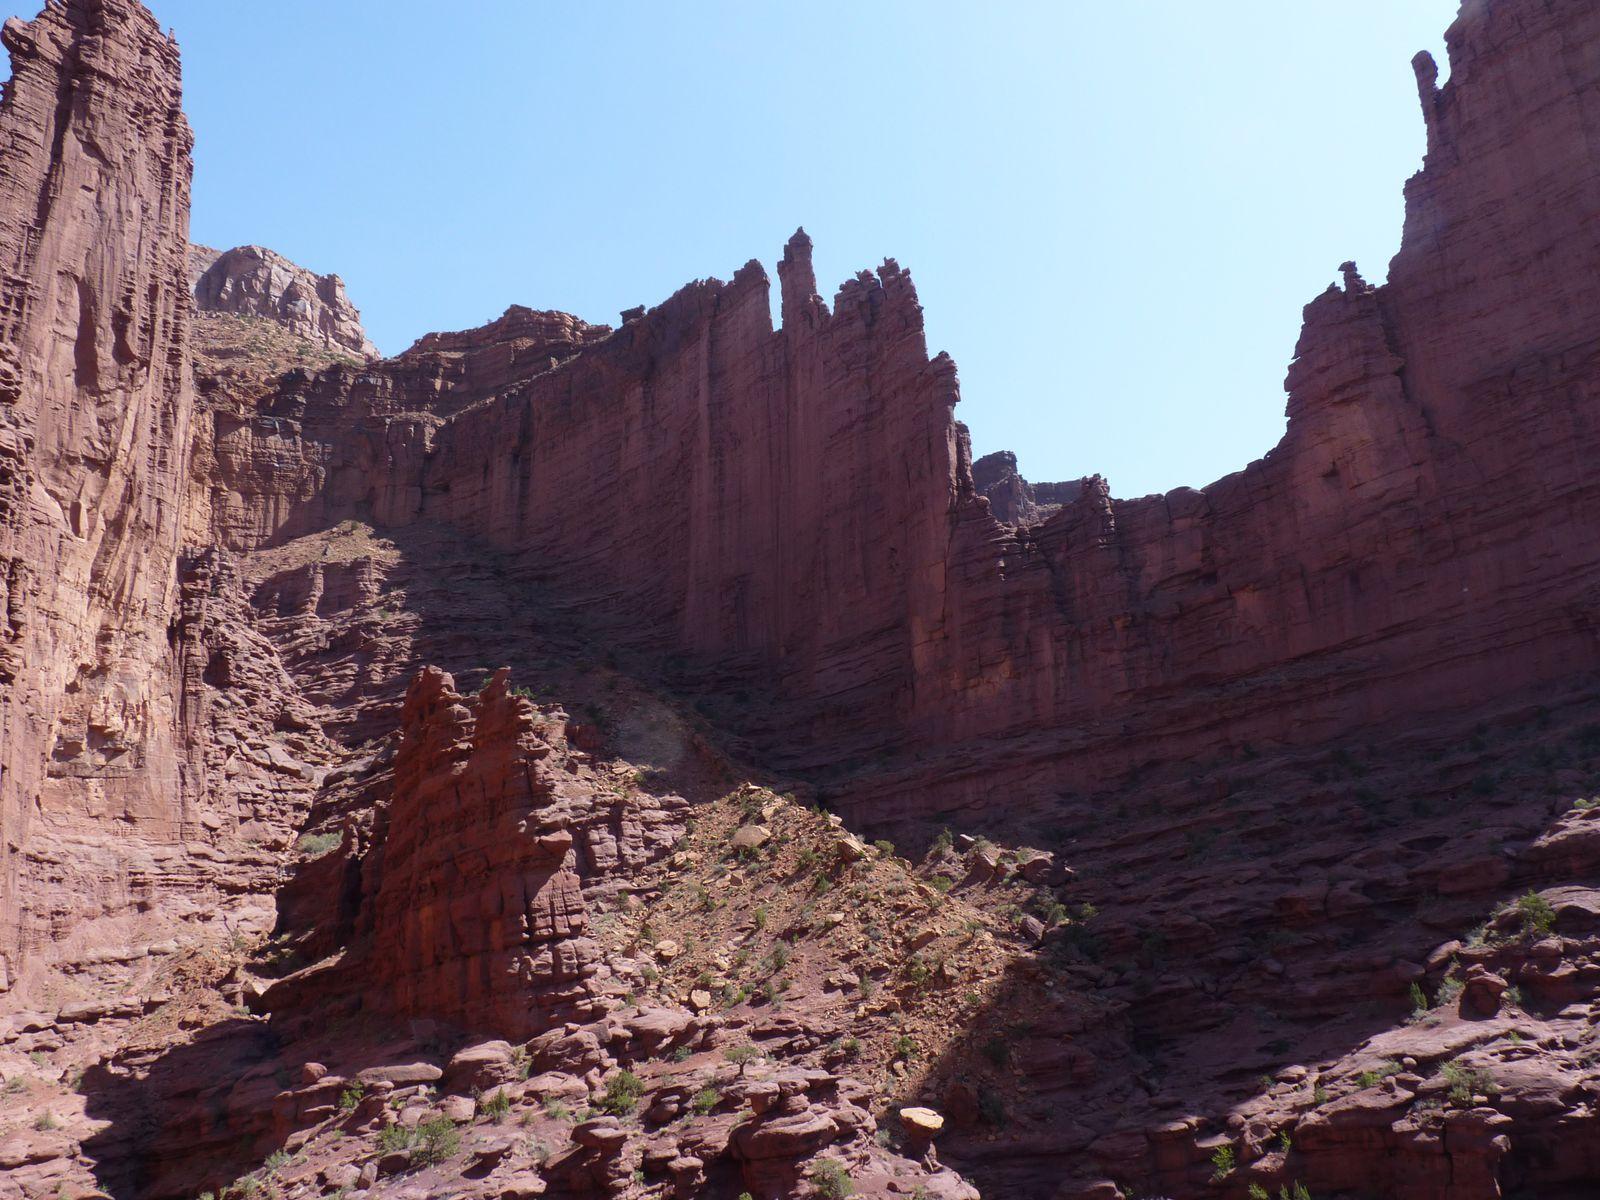 De l'autre côté on distingue le chemin. Rassurez-vous, vous n'êtes pas obliger de monter sur la tête du monolithe !